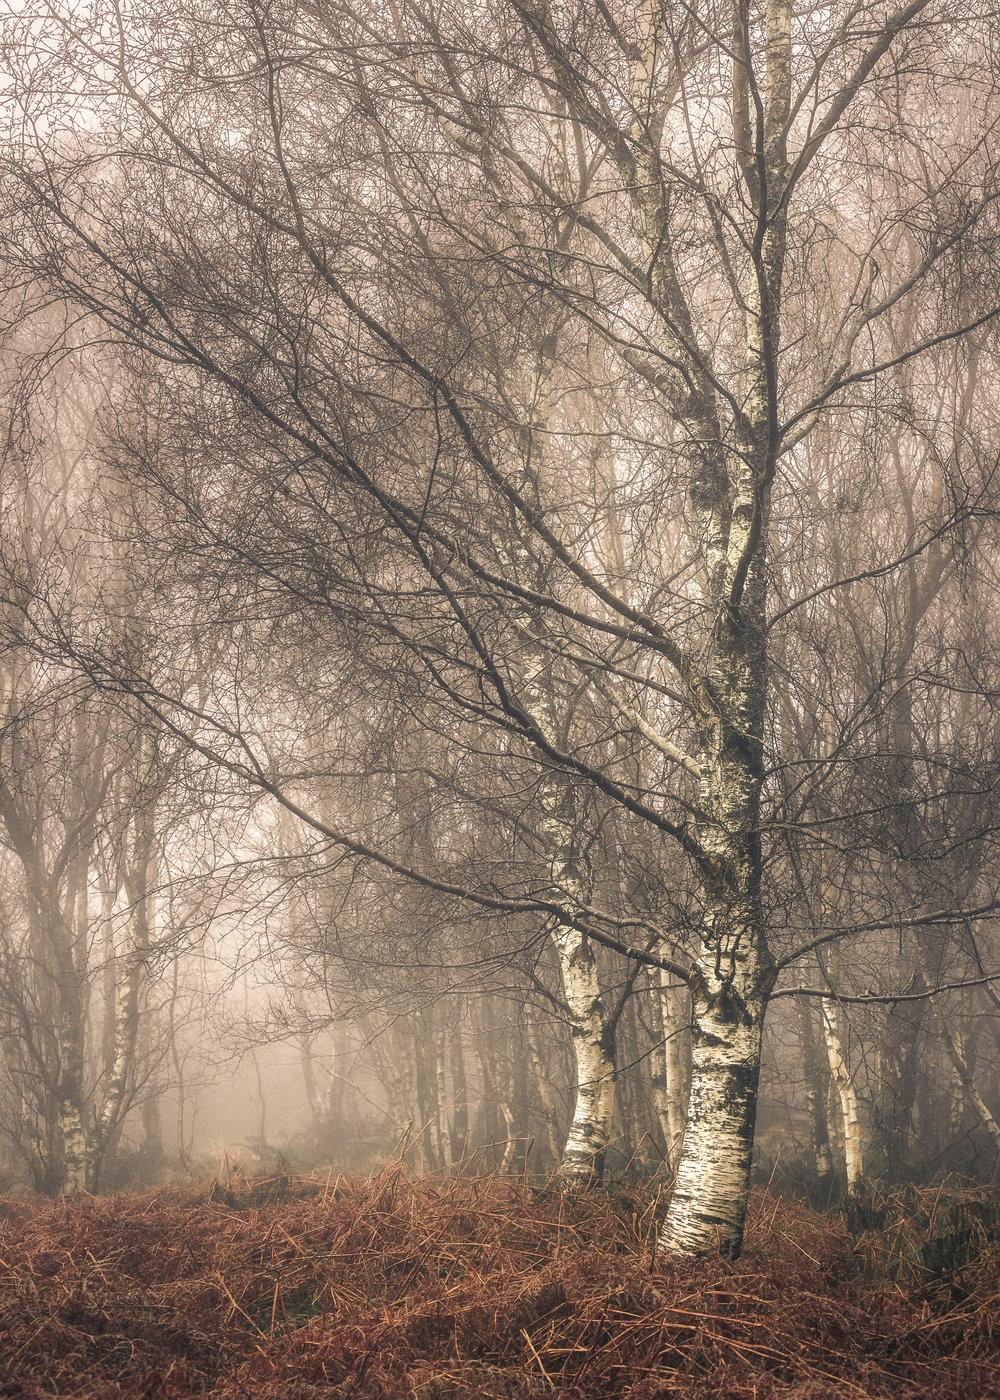 Trees long lens 1.jpg